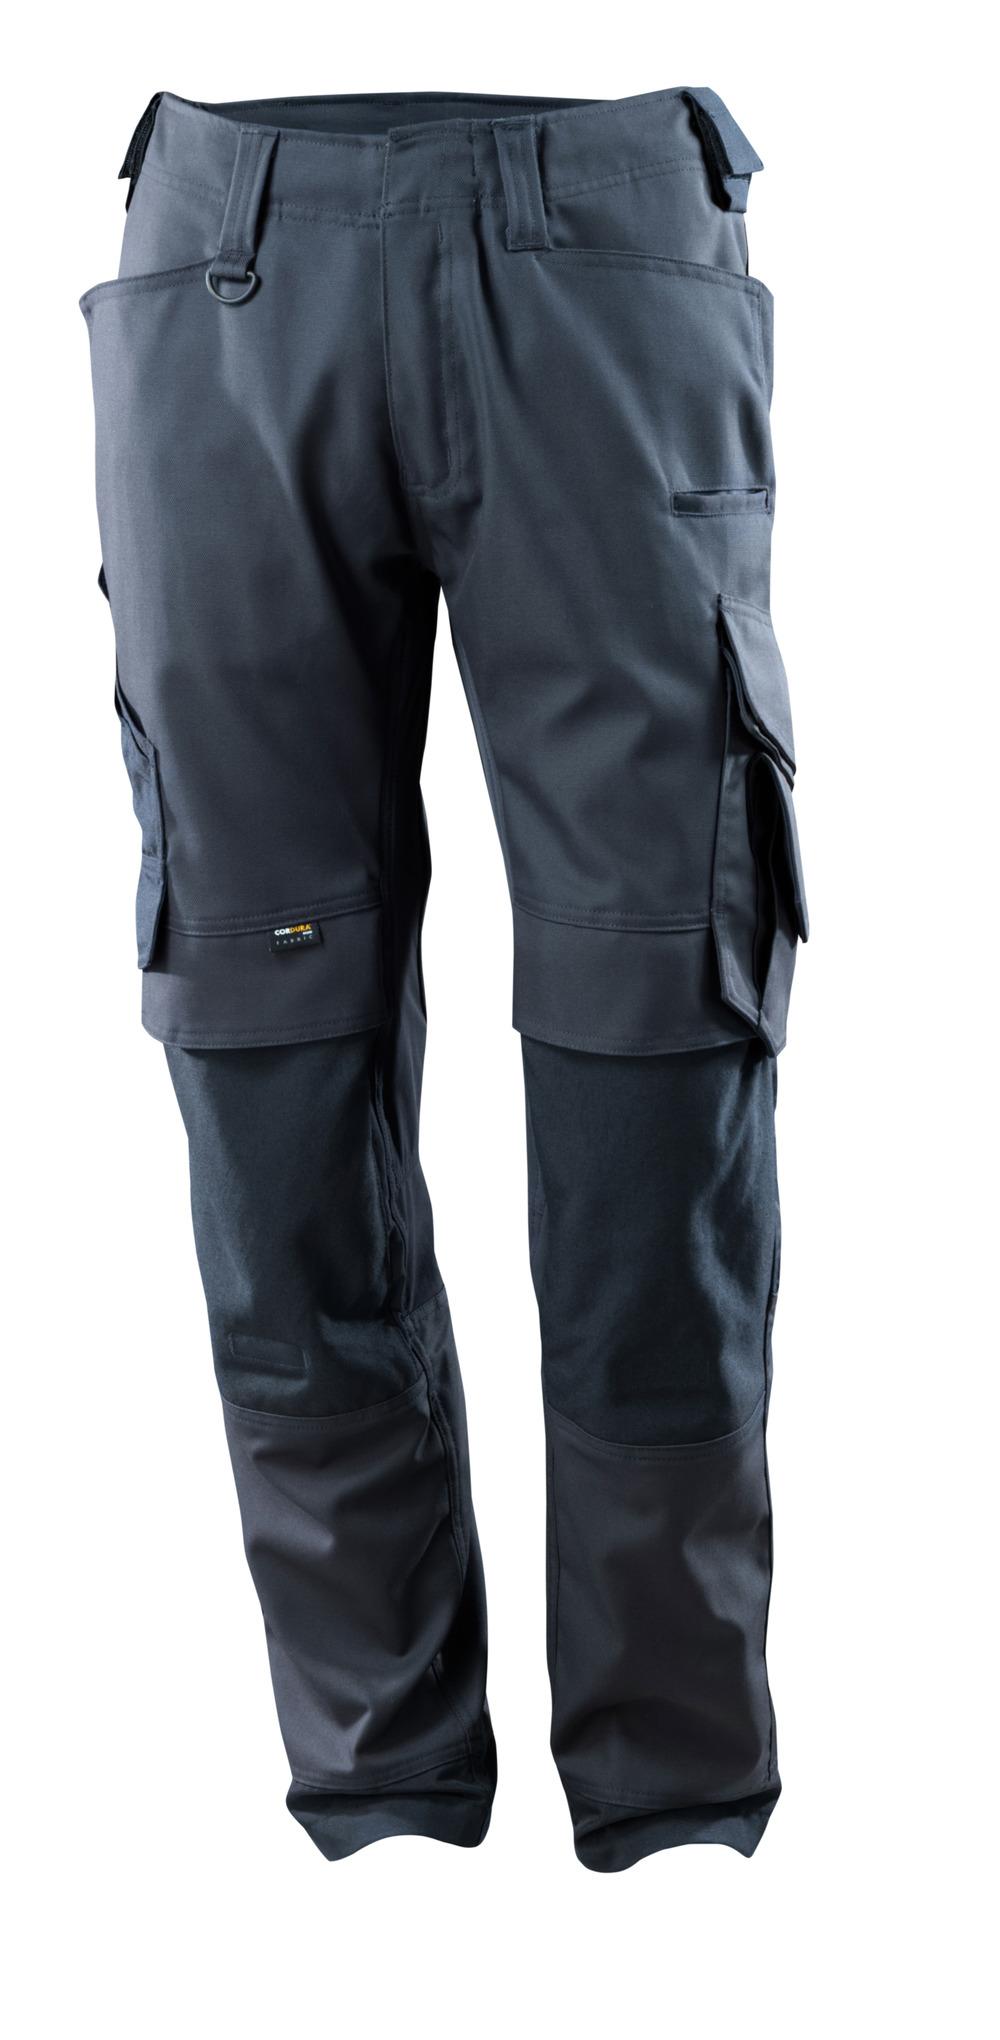 15079-010-010 Bukser med knelommer - mørk marine